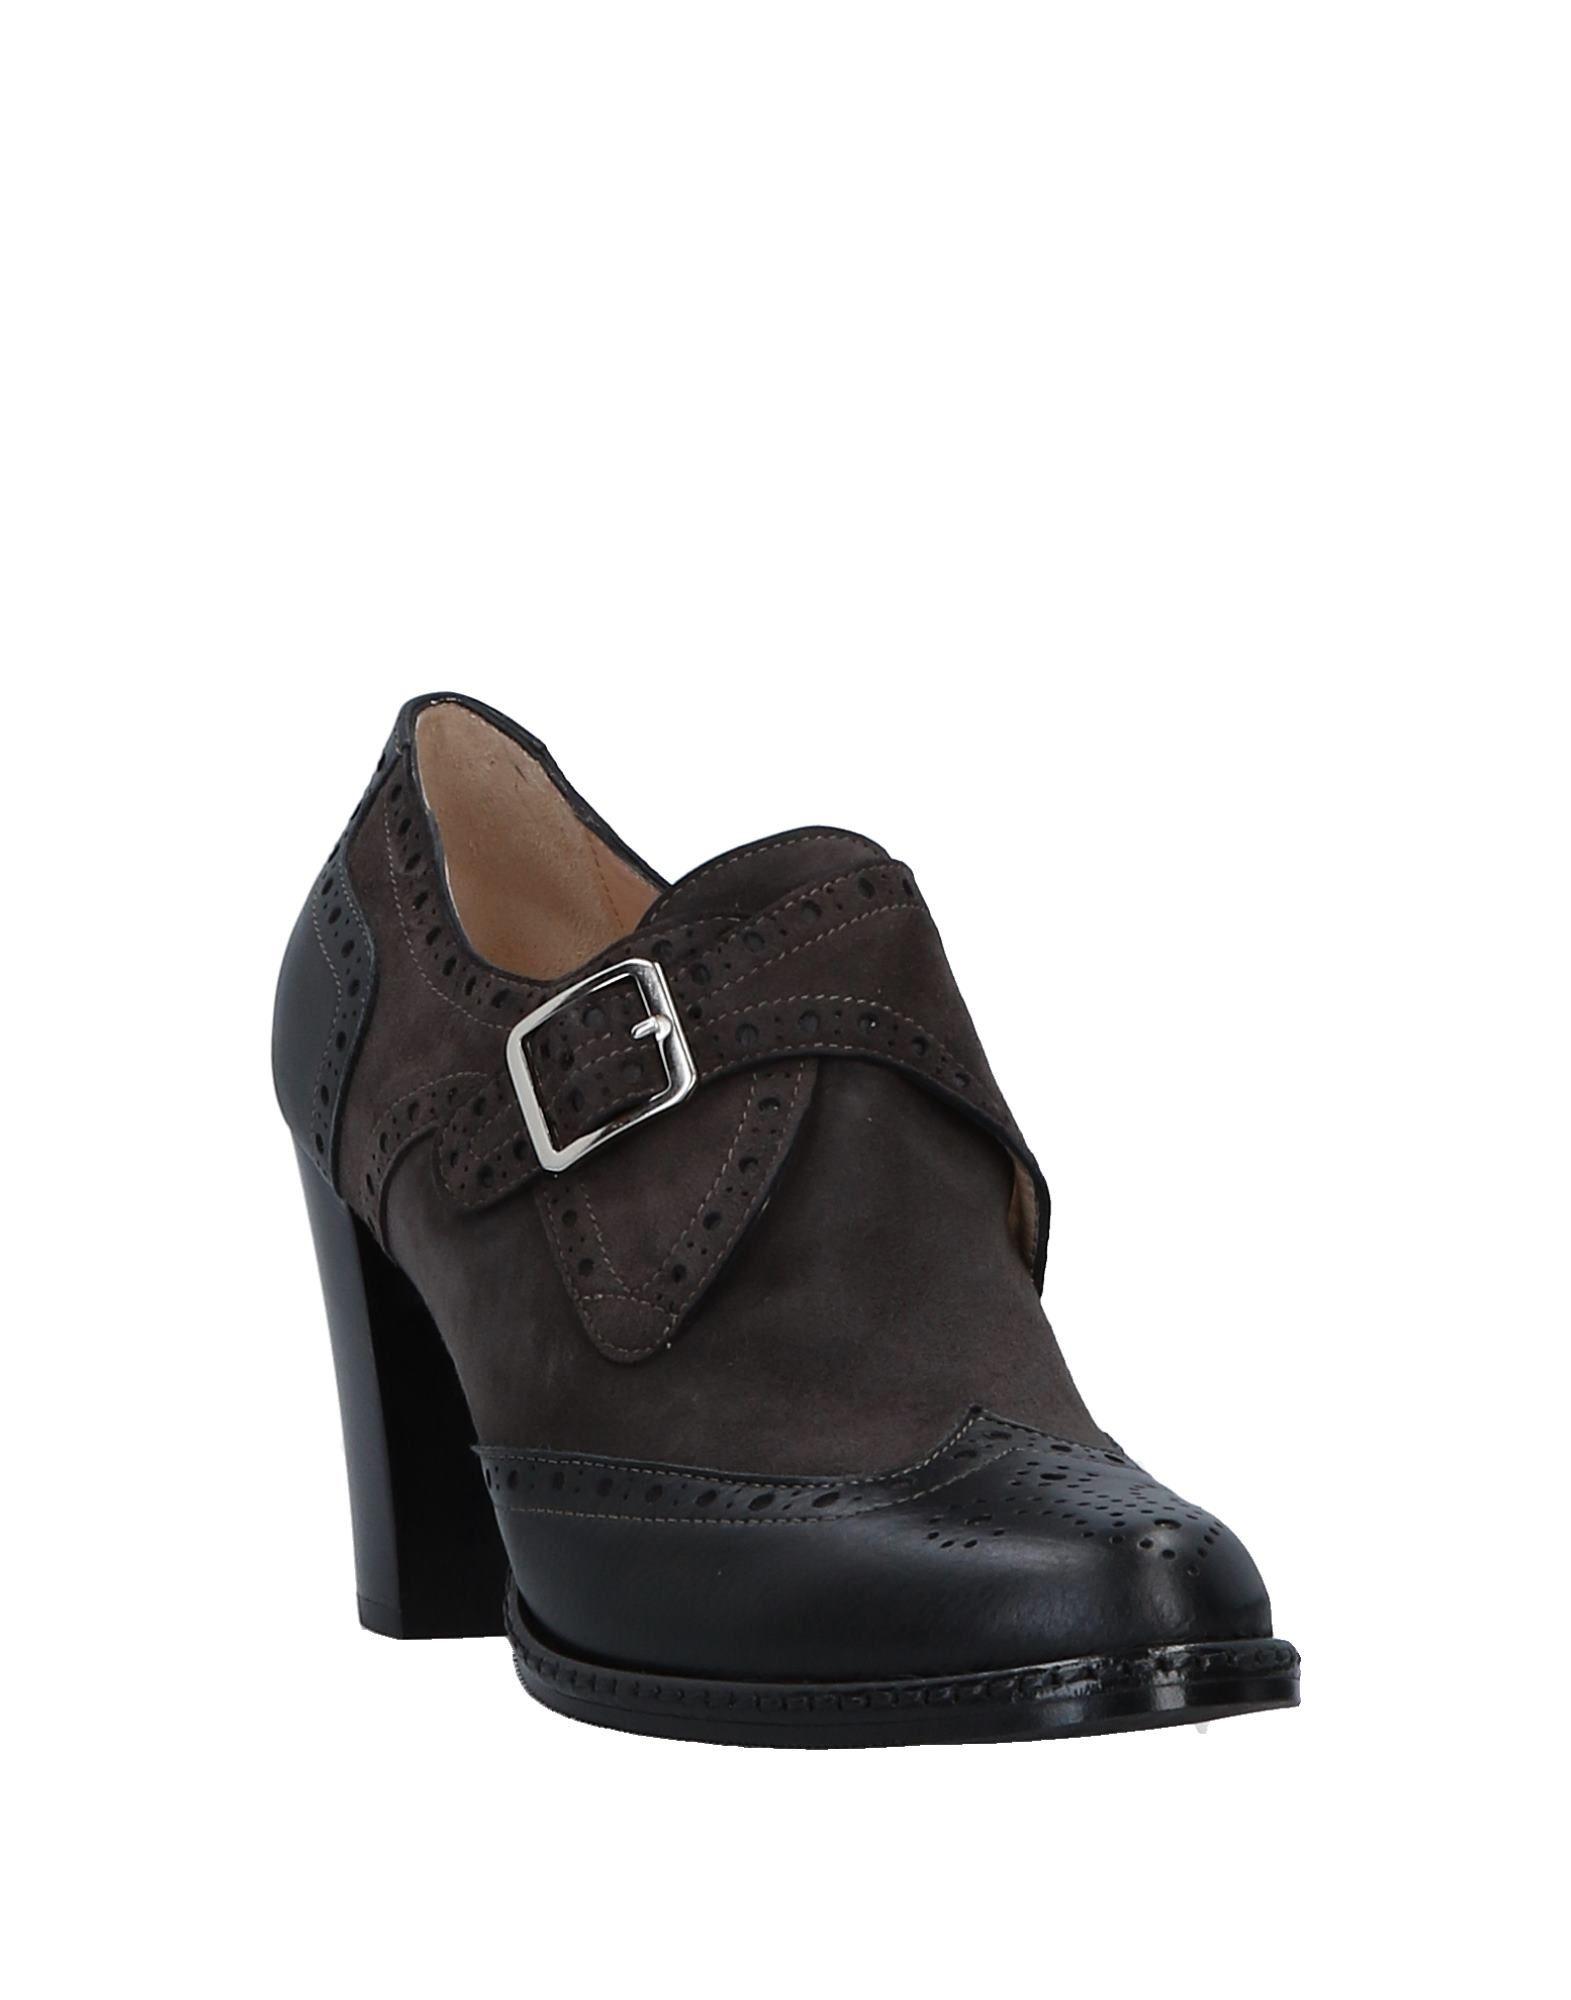 F.Lli Bruglia Stiefelette Damen Damen Damen  11520232VJ Neue Schuhe 55422a